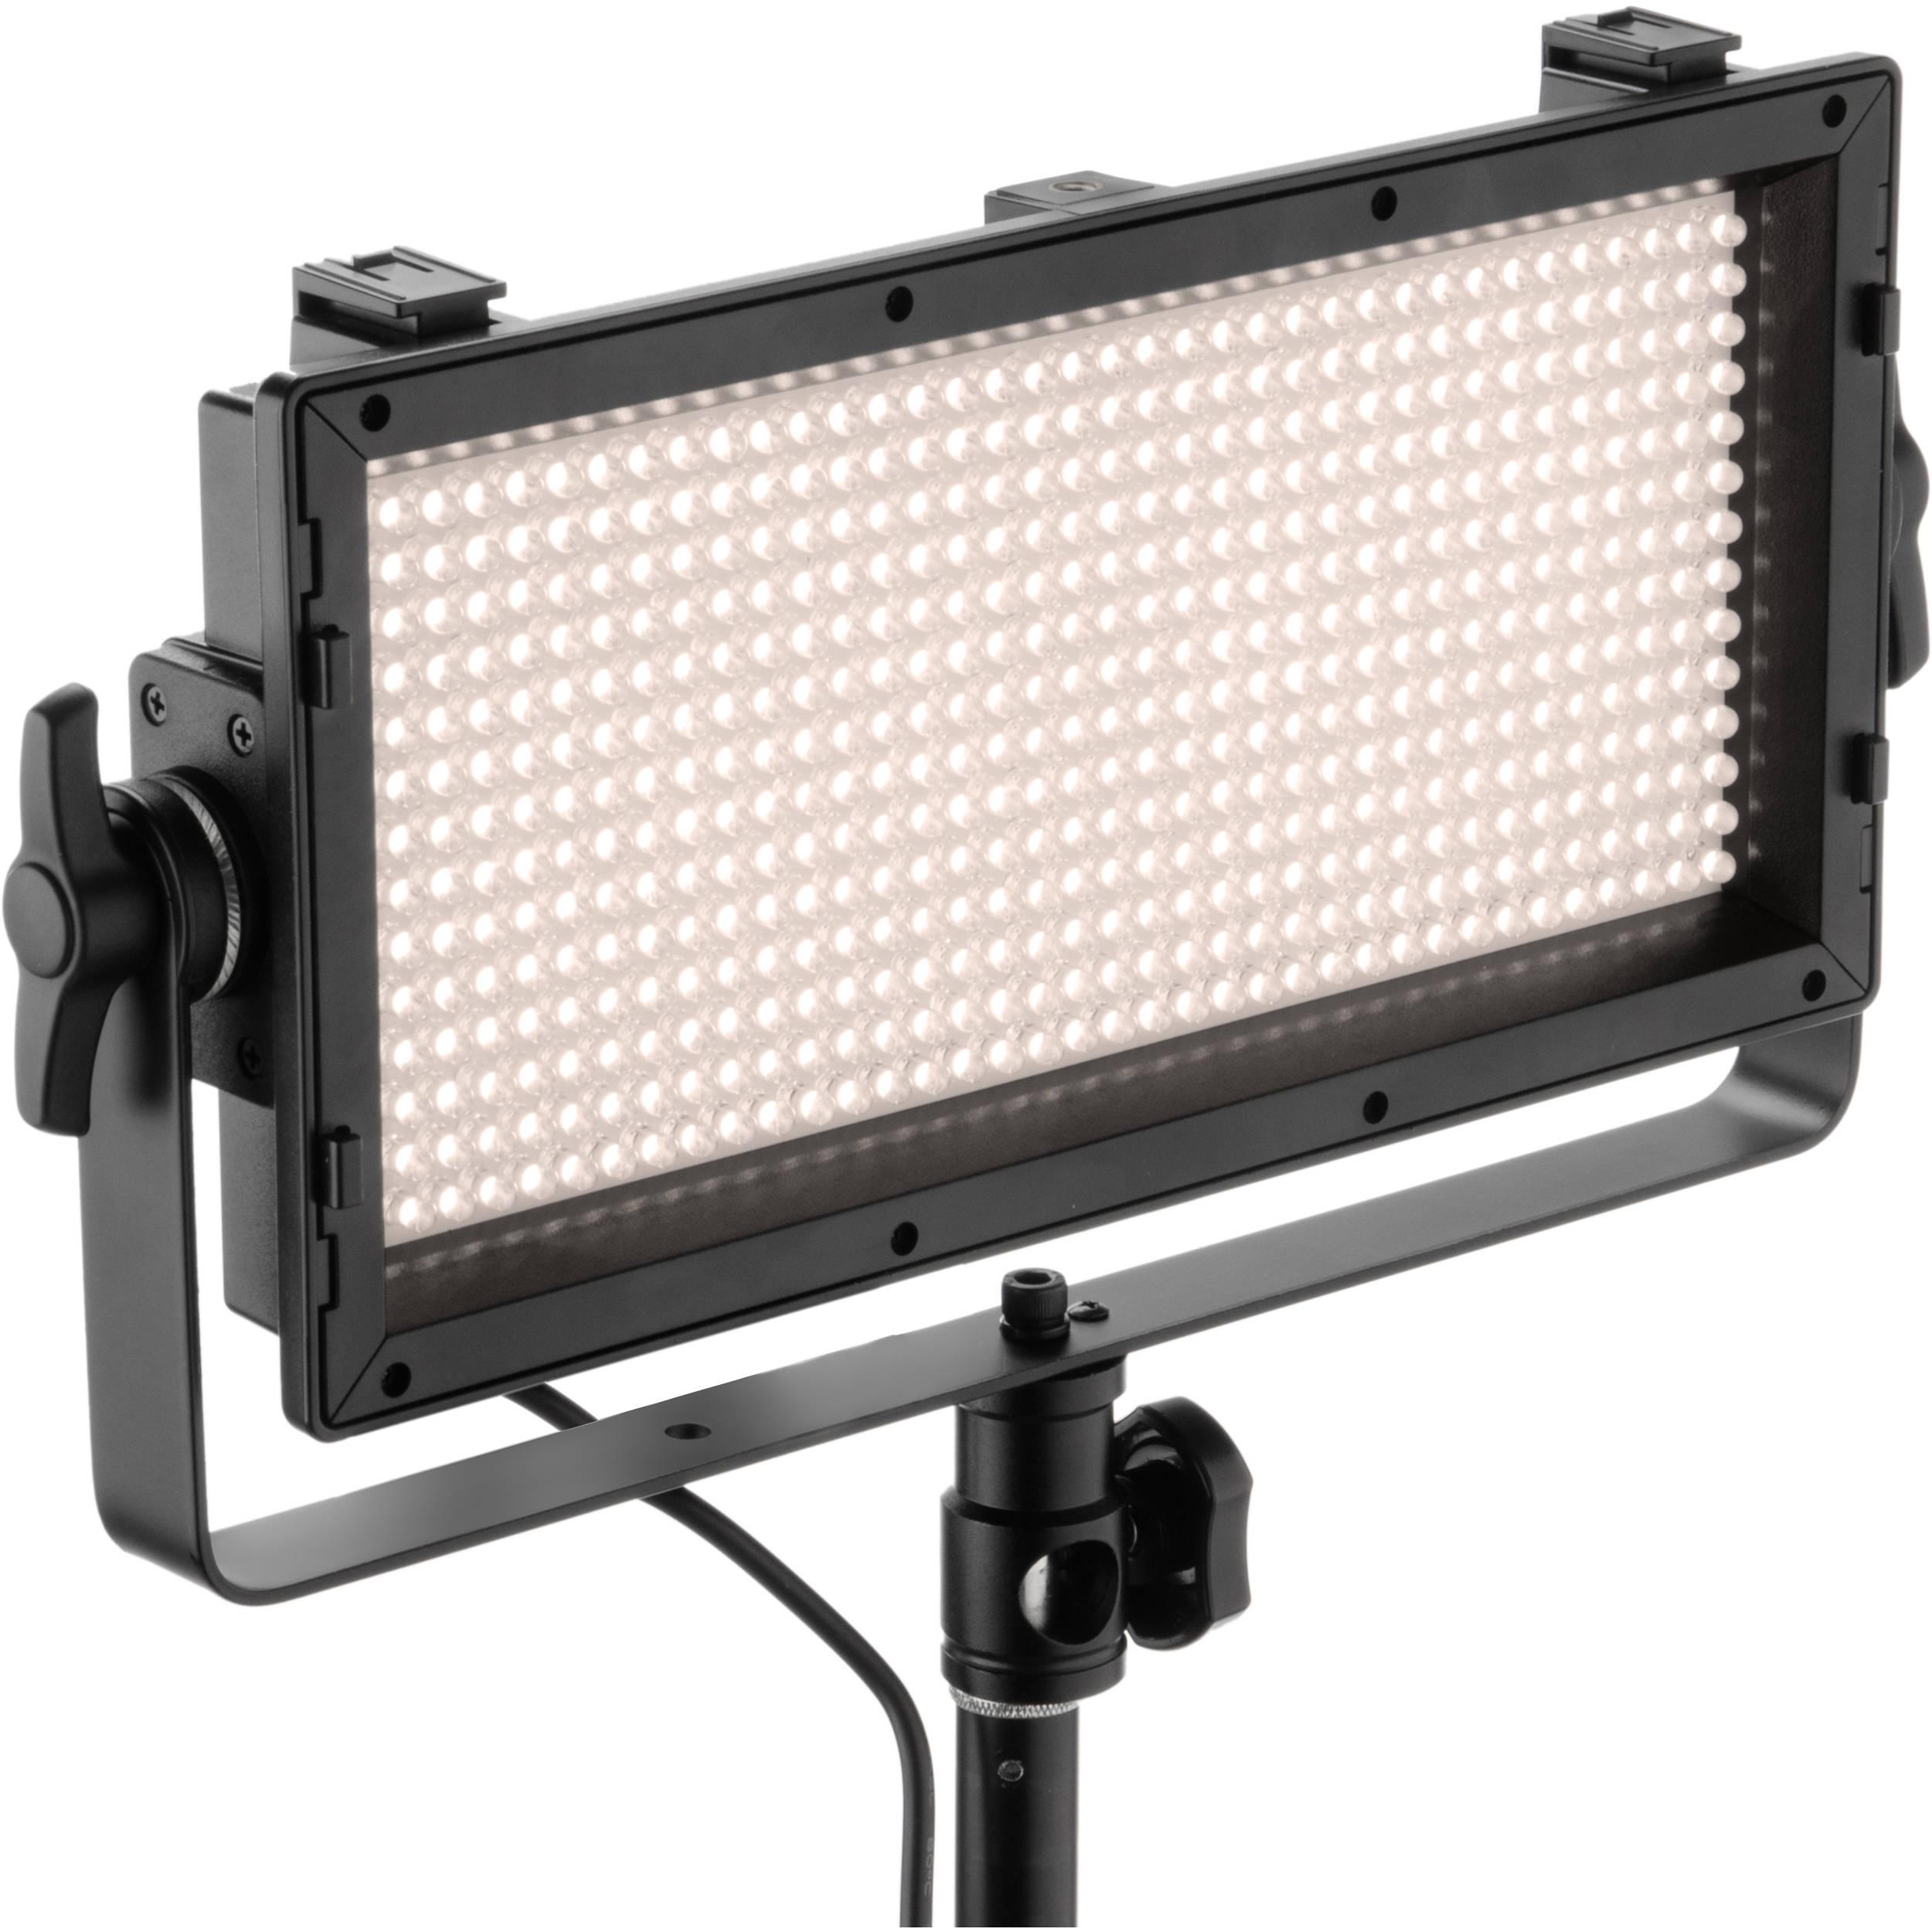 Genaray Spectroled Essential 500 Bi Color Led Light Sp E 500b